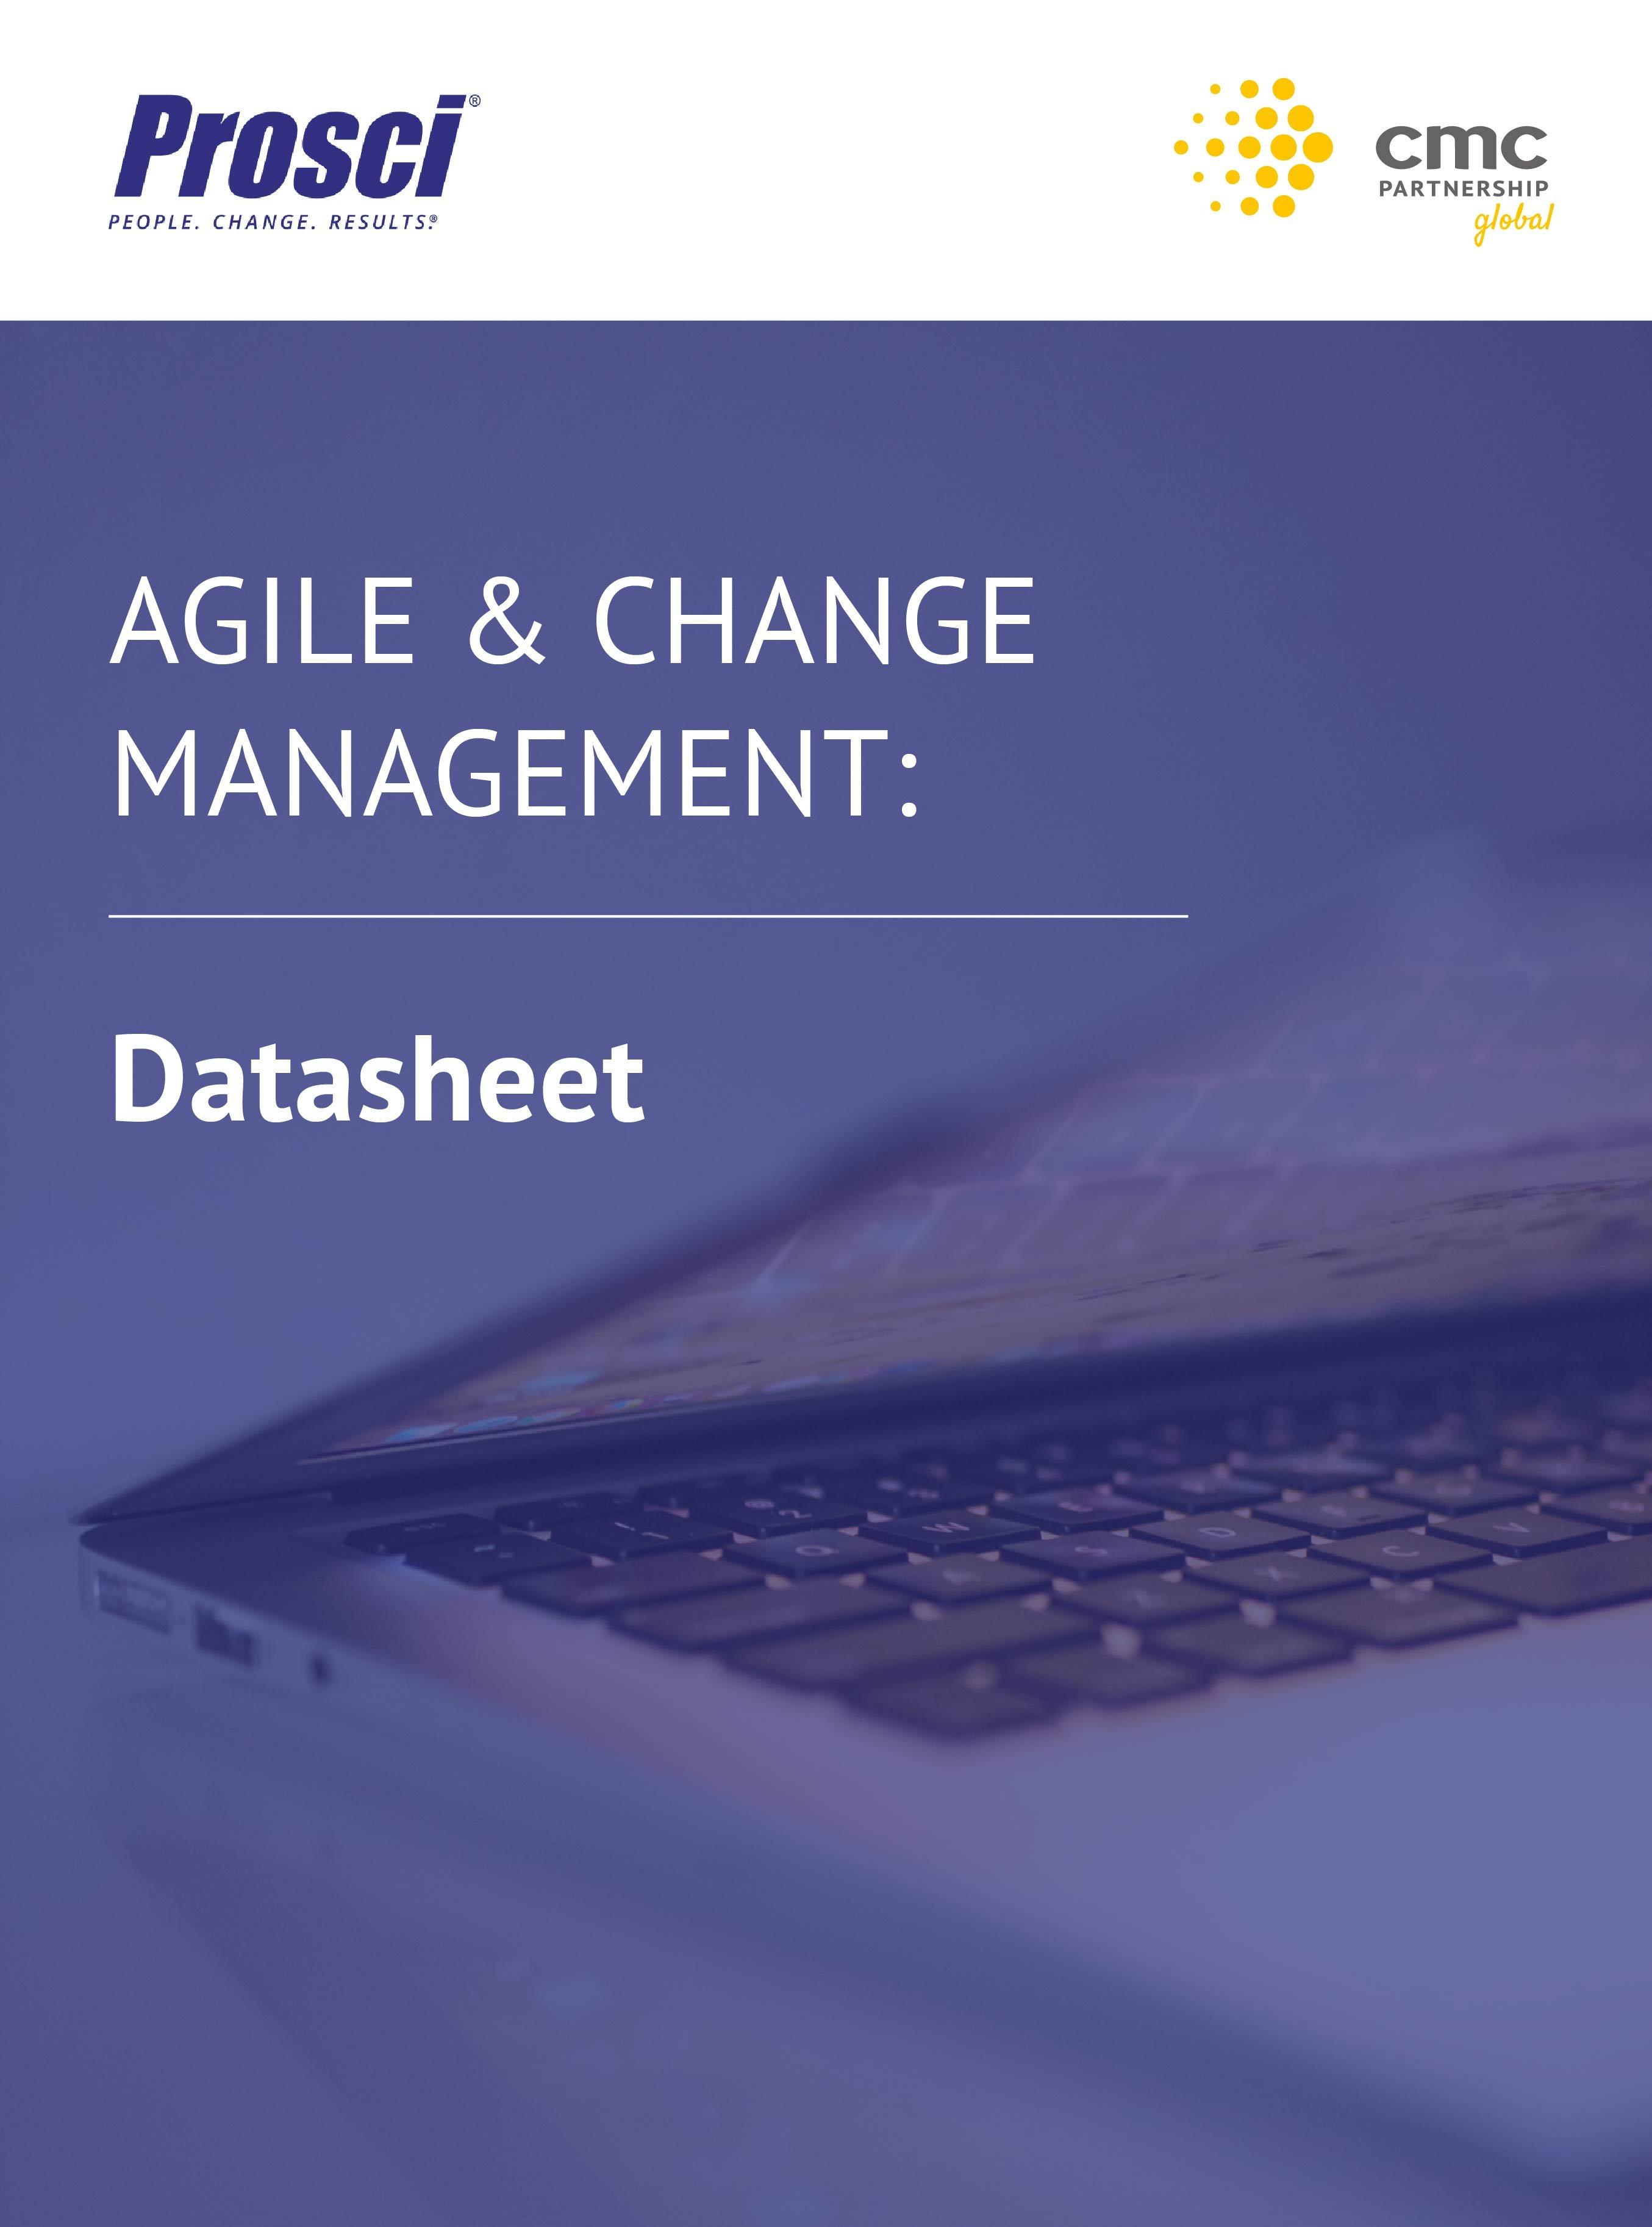 Landing Page Image - Agile & Change Management Datasheet